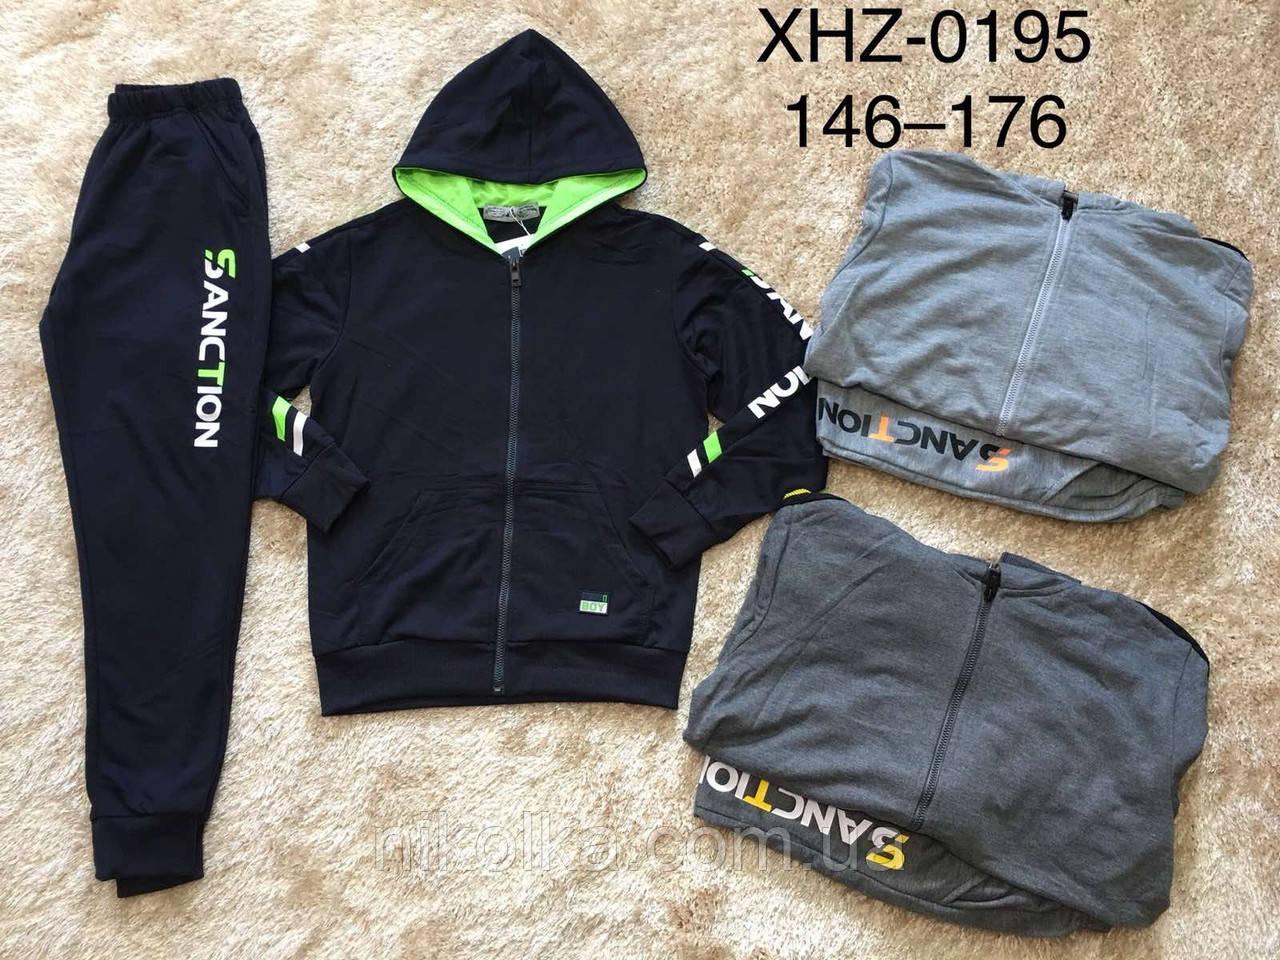 Спротивный костюм-двойка для мальчиков оптом, Active Sport, 146-176 рр., арт. XHZ-0195